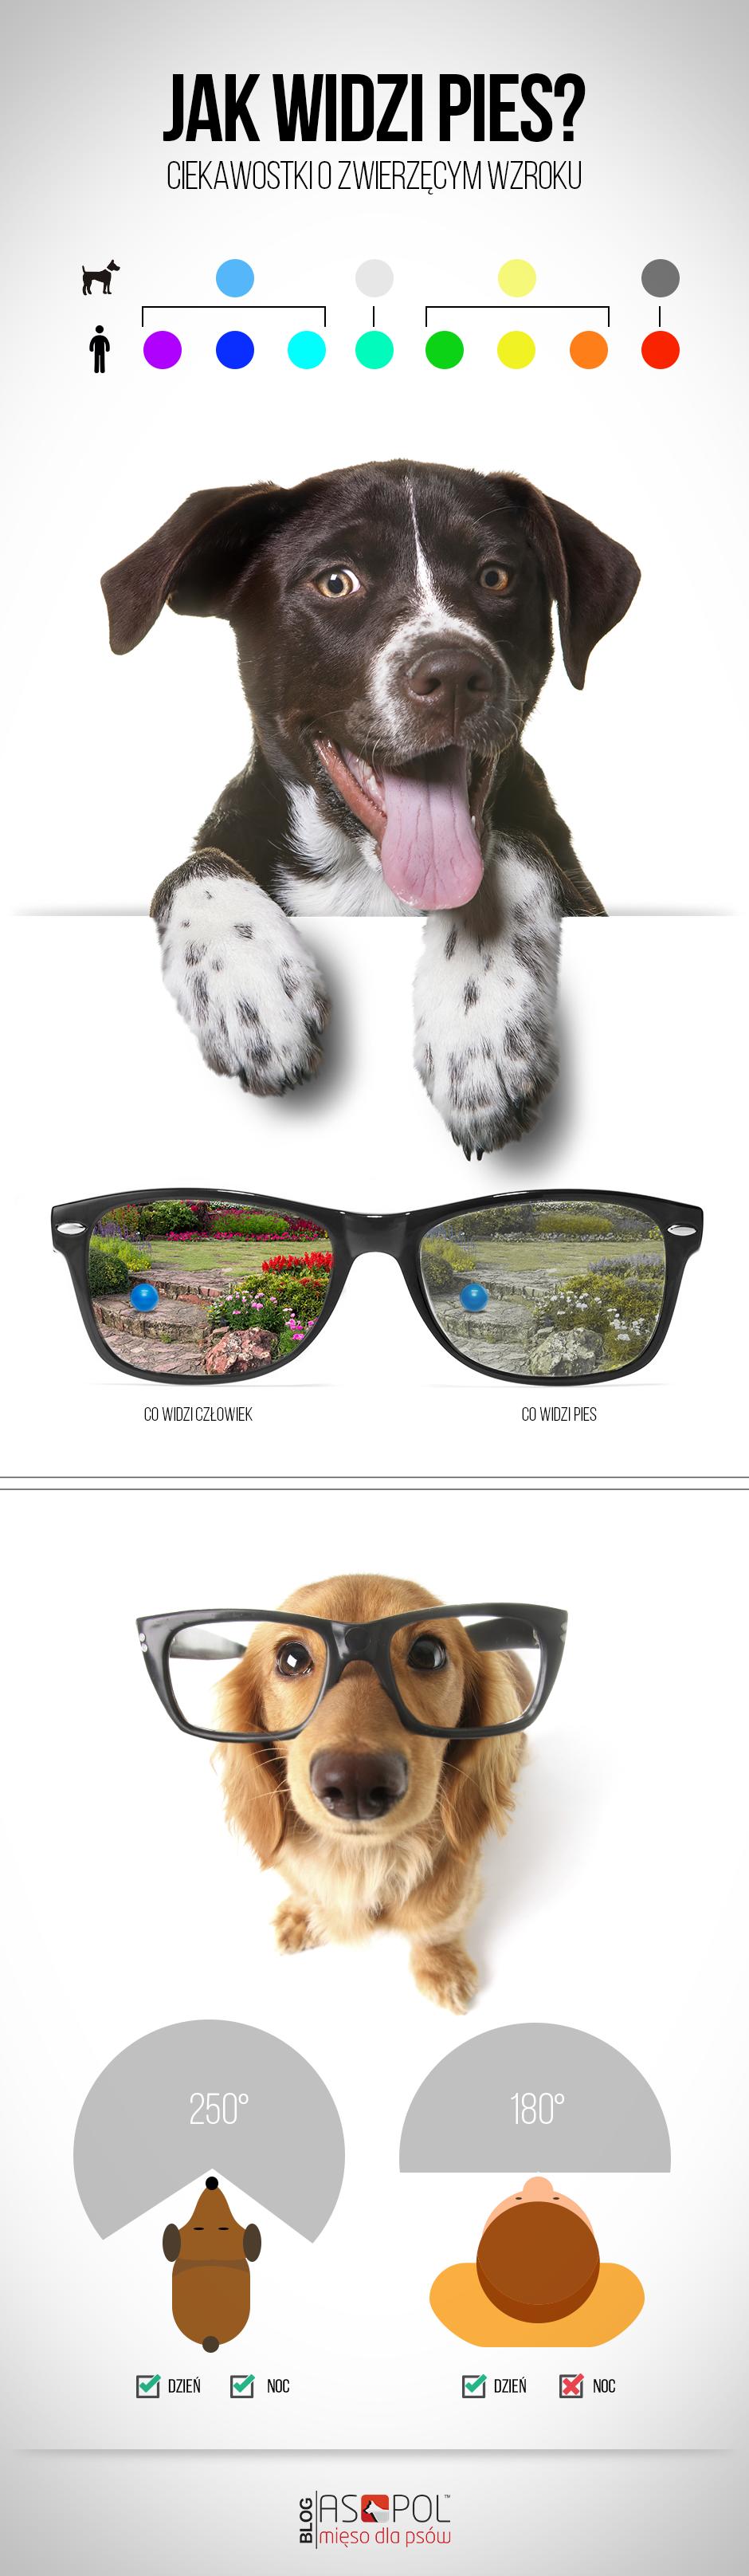 Psi wzrok, jak widzi pies infografika